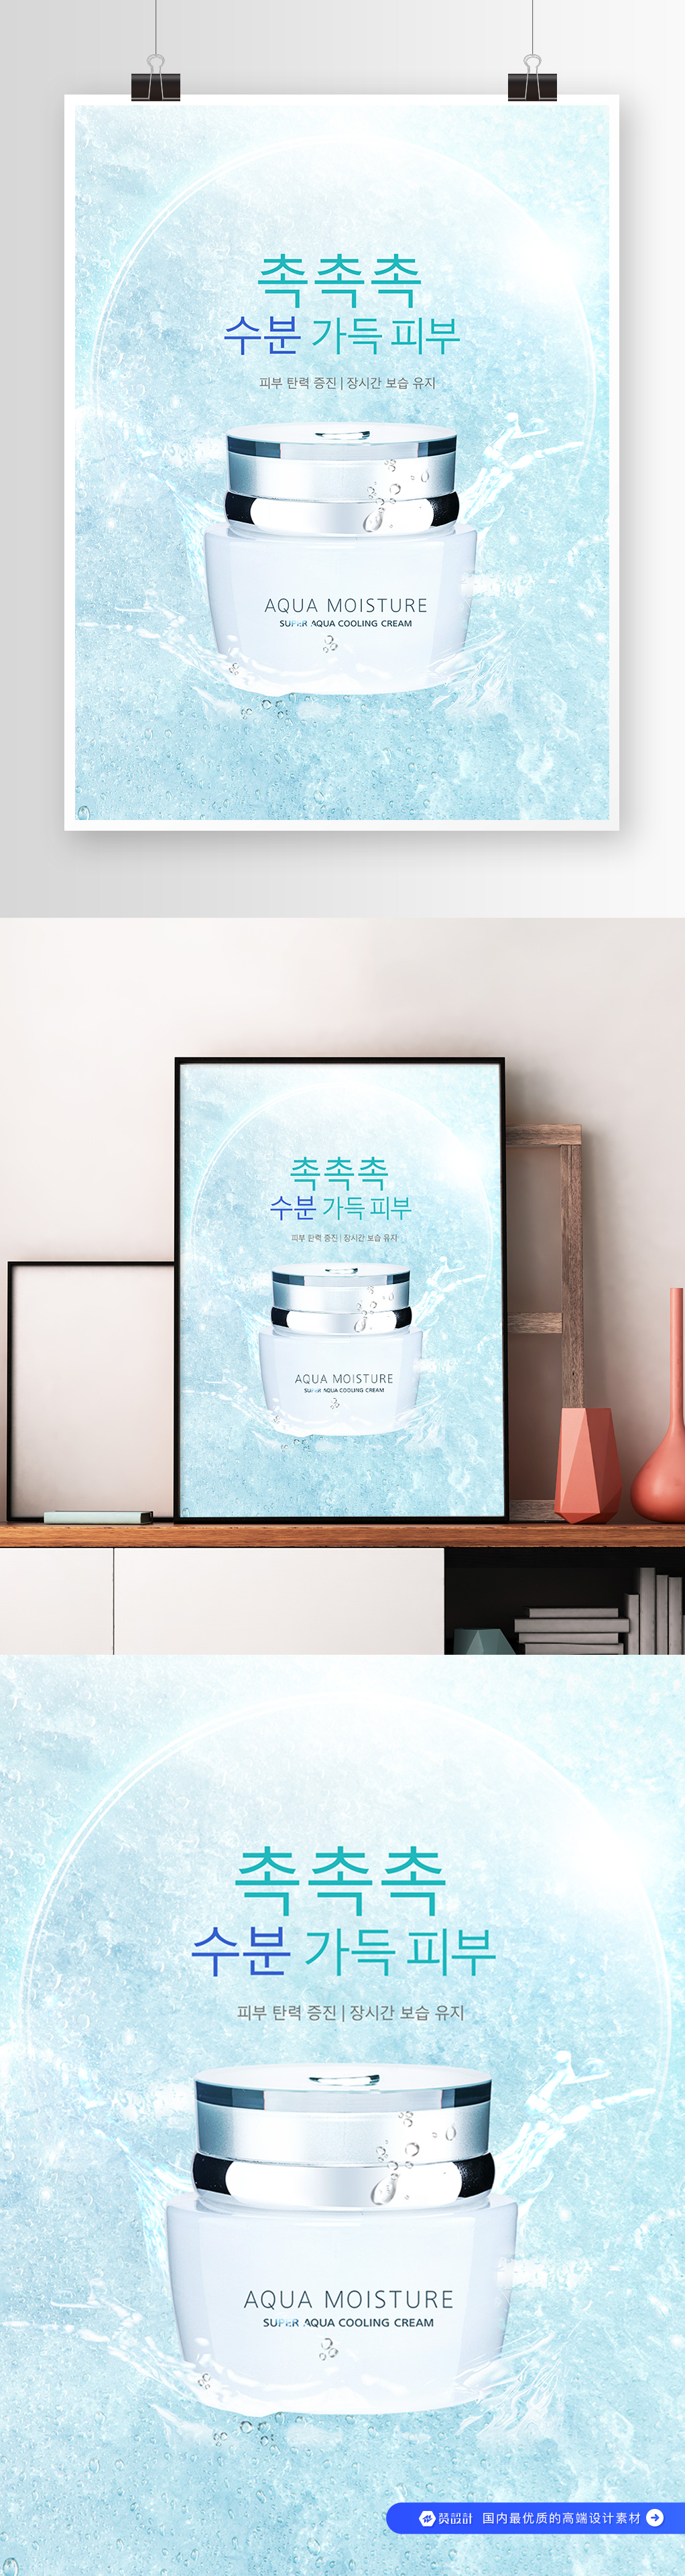 高端简约大气补水面霜护肤品海报